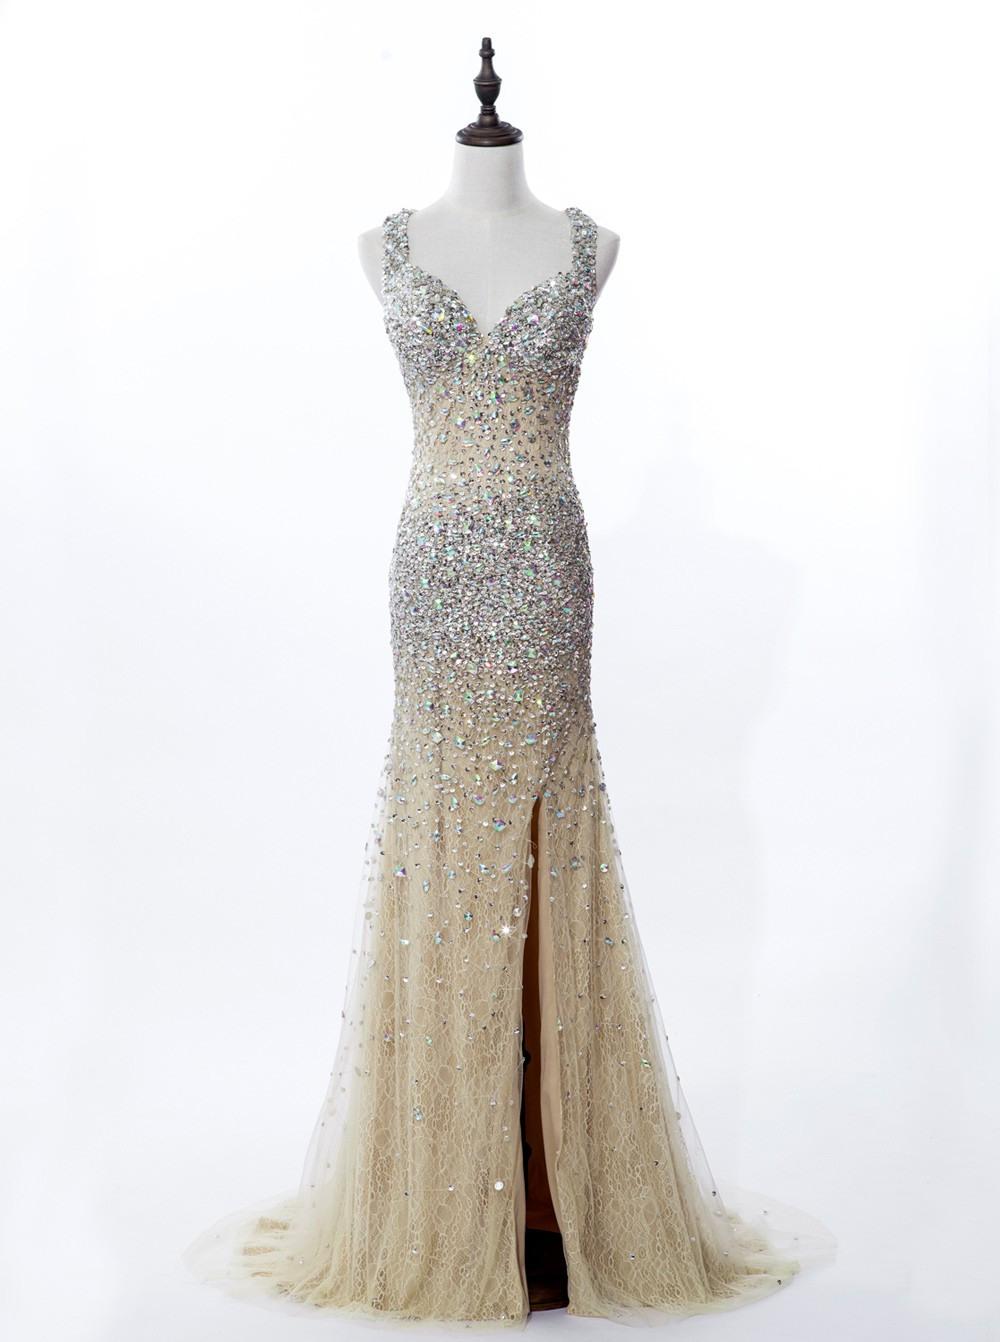 20 Perfekt Abendkleid Meerjungfrau für 201917 Genial Abendkleid Meerjungfrau Galerie